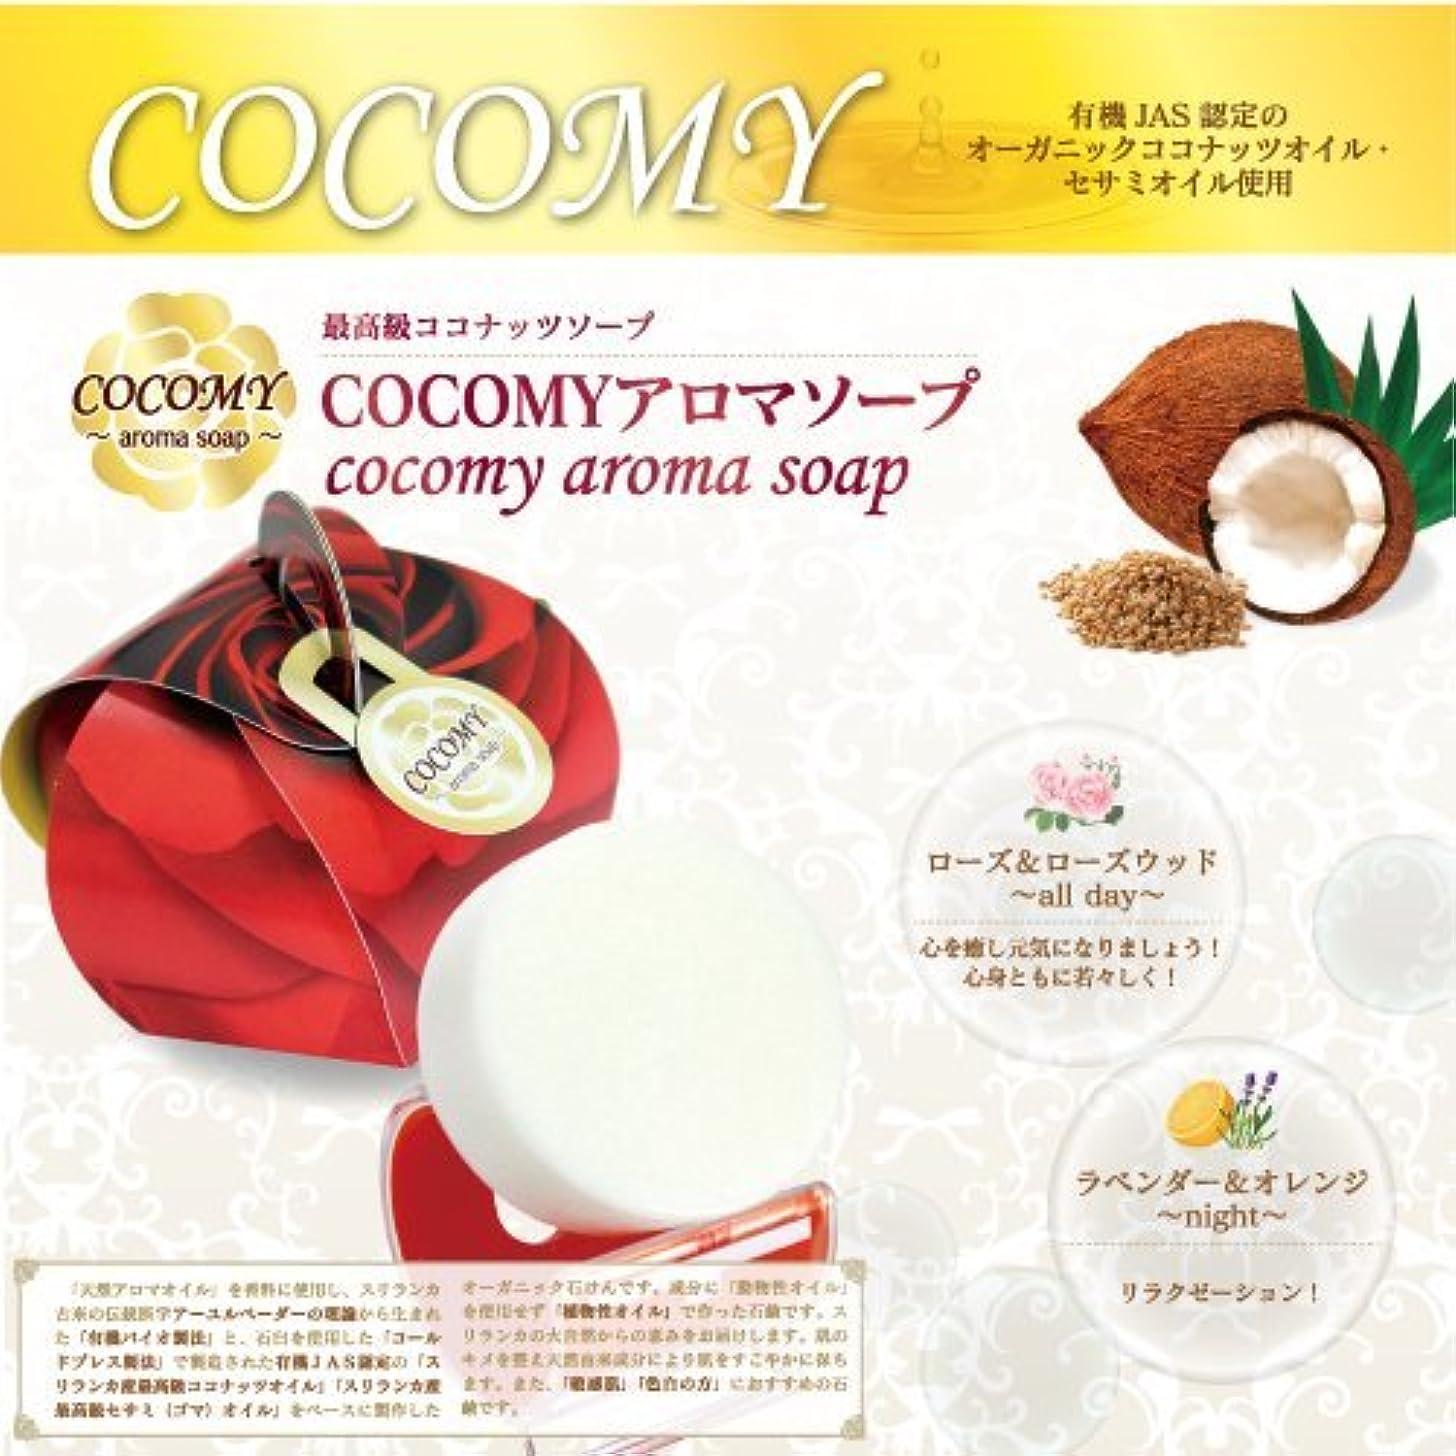 ひばり市の花プランテーションCOCOMY aromaソープ 2個セット (ラベンダー&オレンジ)(ローズ&ローズウッド)40g×各1